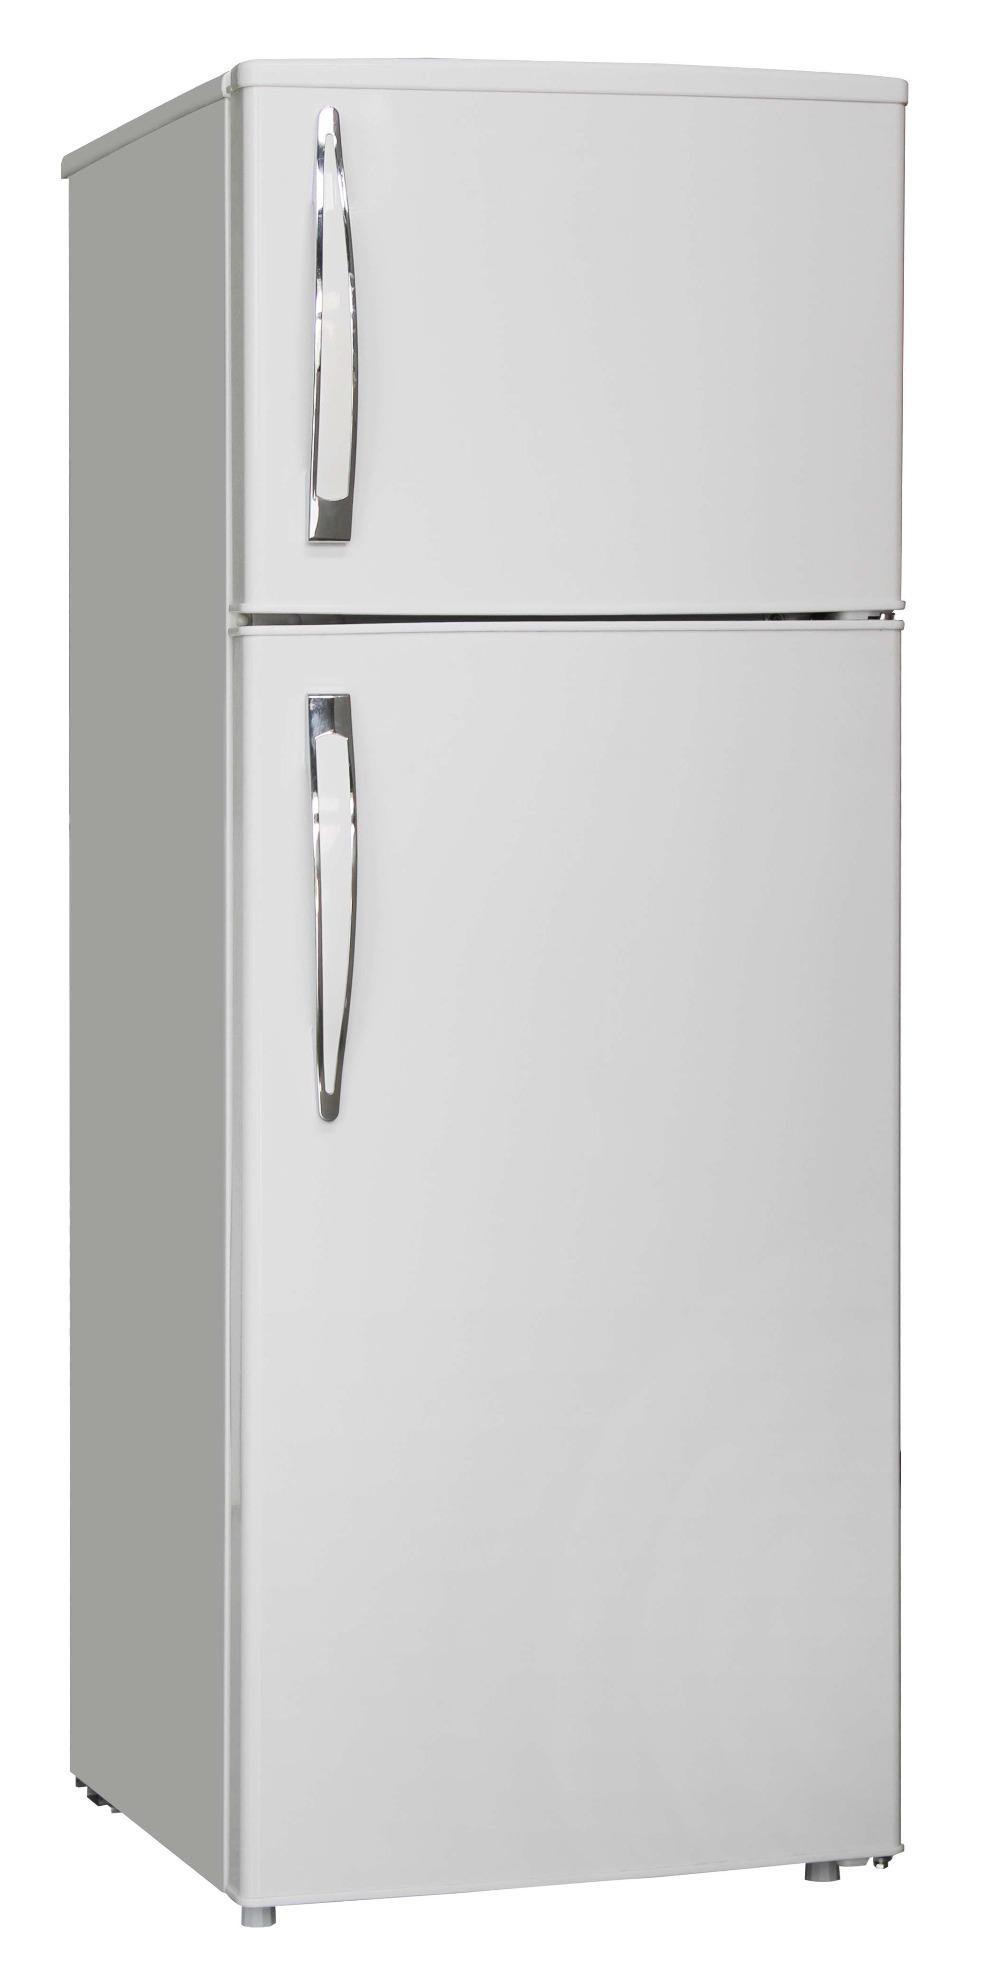 refrigerator price l litrs liters door in black bd samsung double digital doors transcom